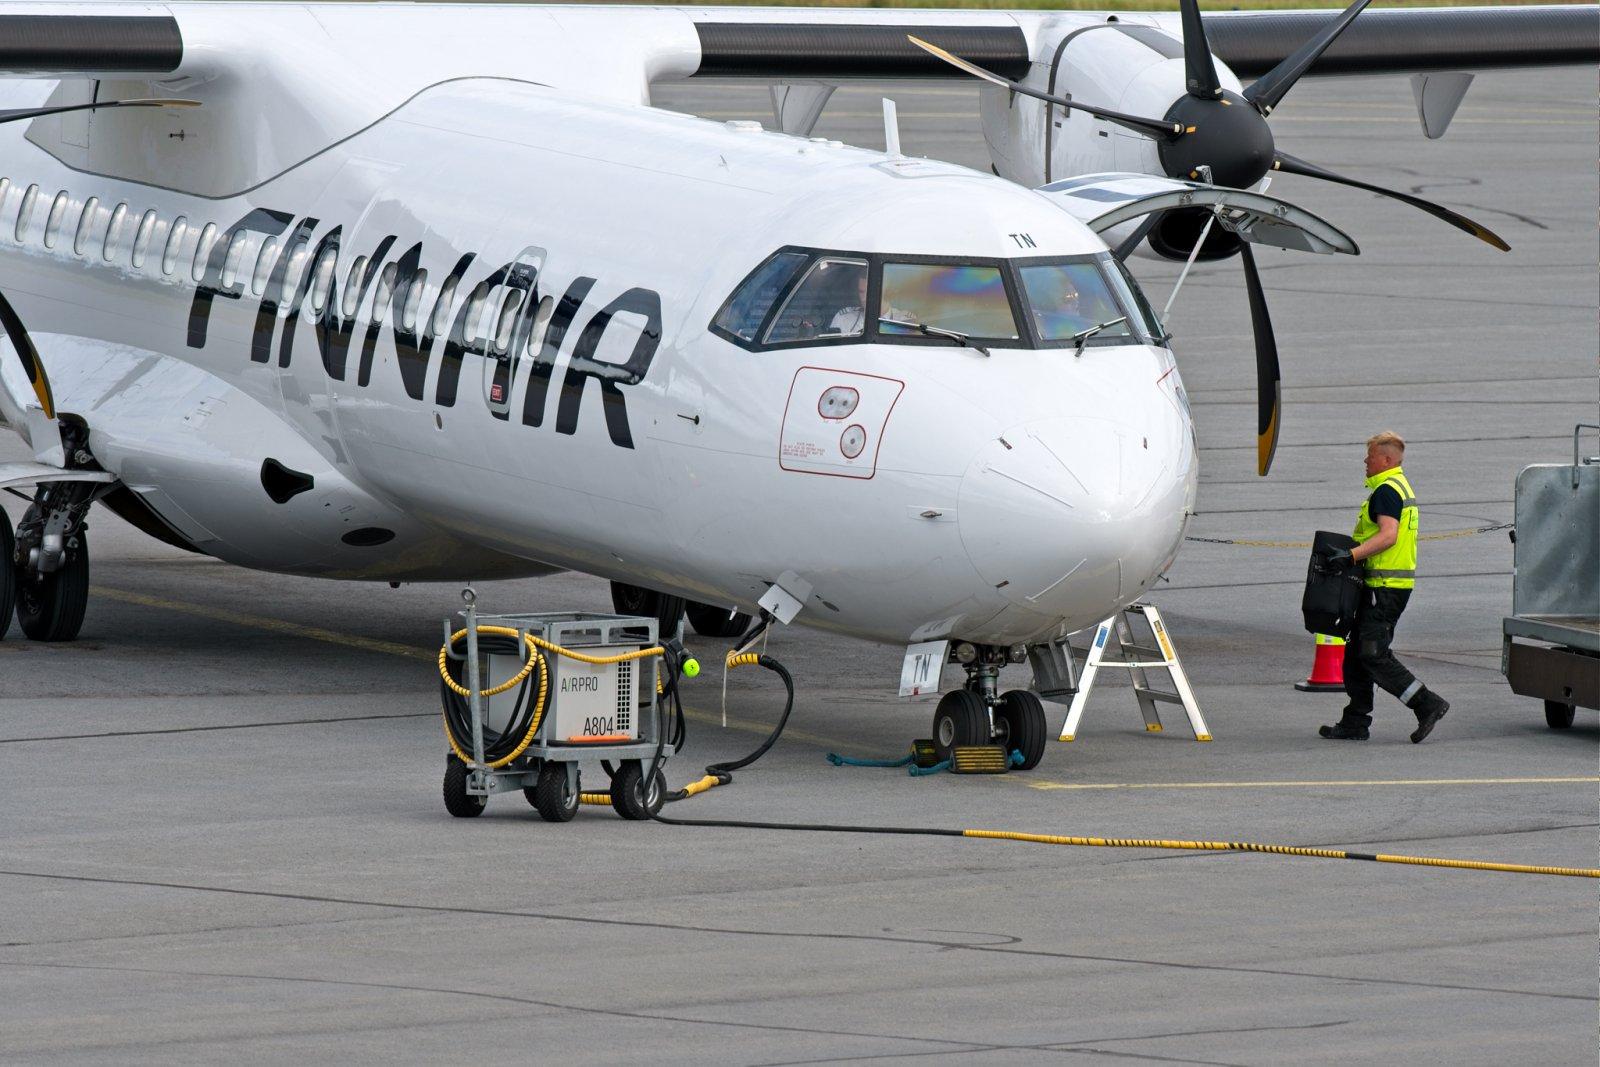 Ensimmäinen koronatauon jälkeinen reittilento Helsingistä Vaasaan: rahdin määrä oli varsin maltillinen